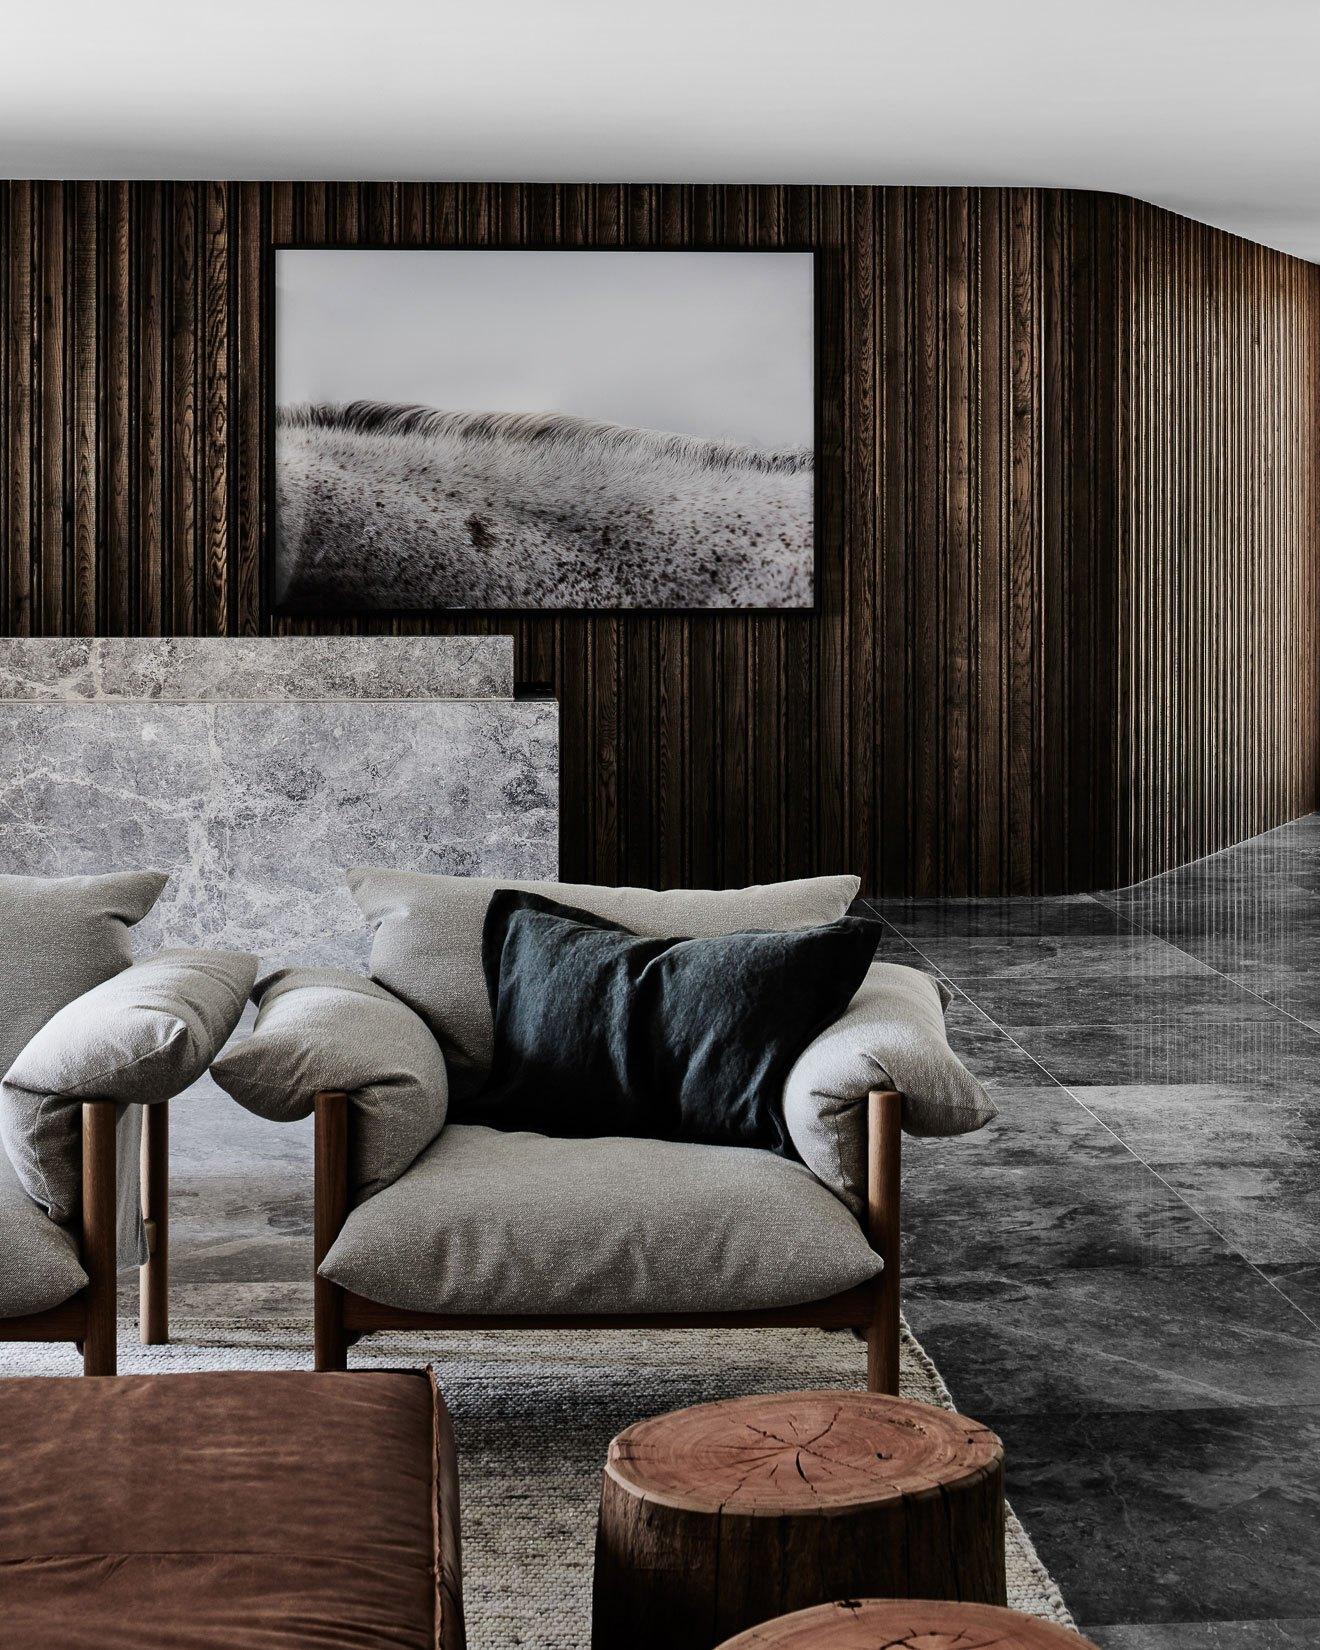 Mitchelton-Winery-Hotel-in-Nagambie-Hecker-Guthrie-Tom-Blachford.jpg